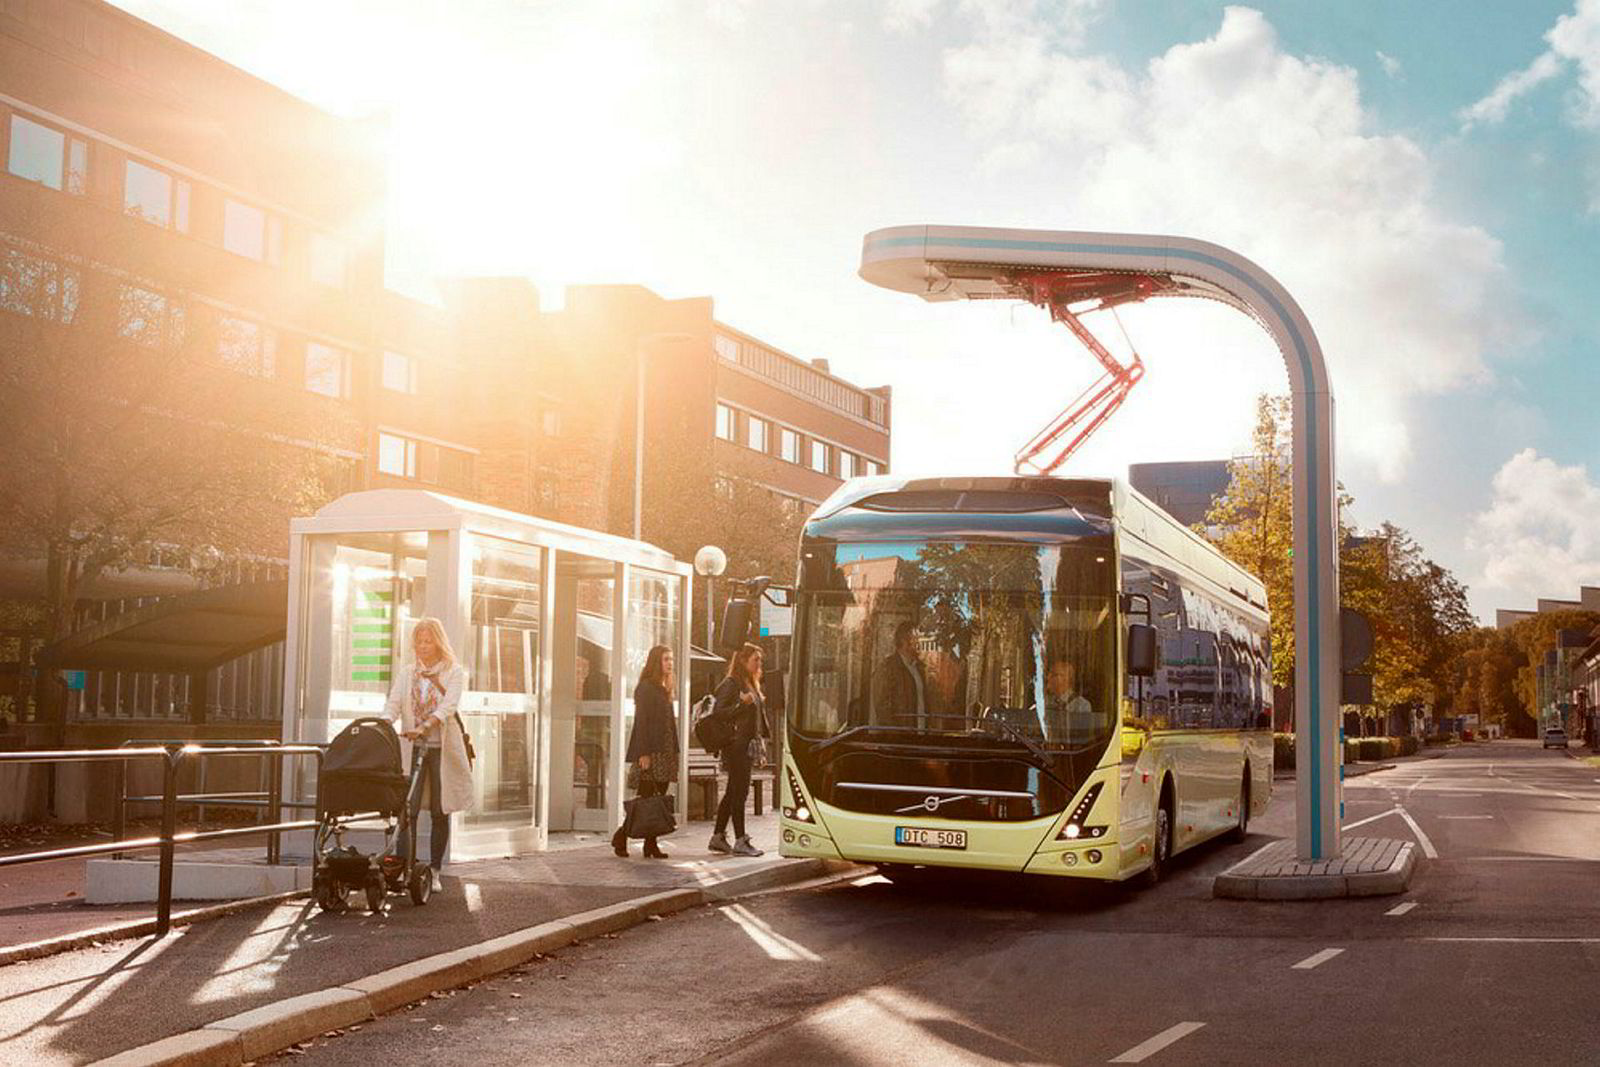 Siemens ladestasjon. I rushtiden vil det i fremtiden bli brukt mye strøm når flere av oss benytter elbiler og elbusser på veiene. Her viser Siemens og Volvo hvordan busser i fremtiden kan lades via en pantograf på bussholdeplassen.